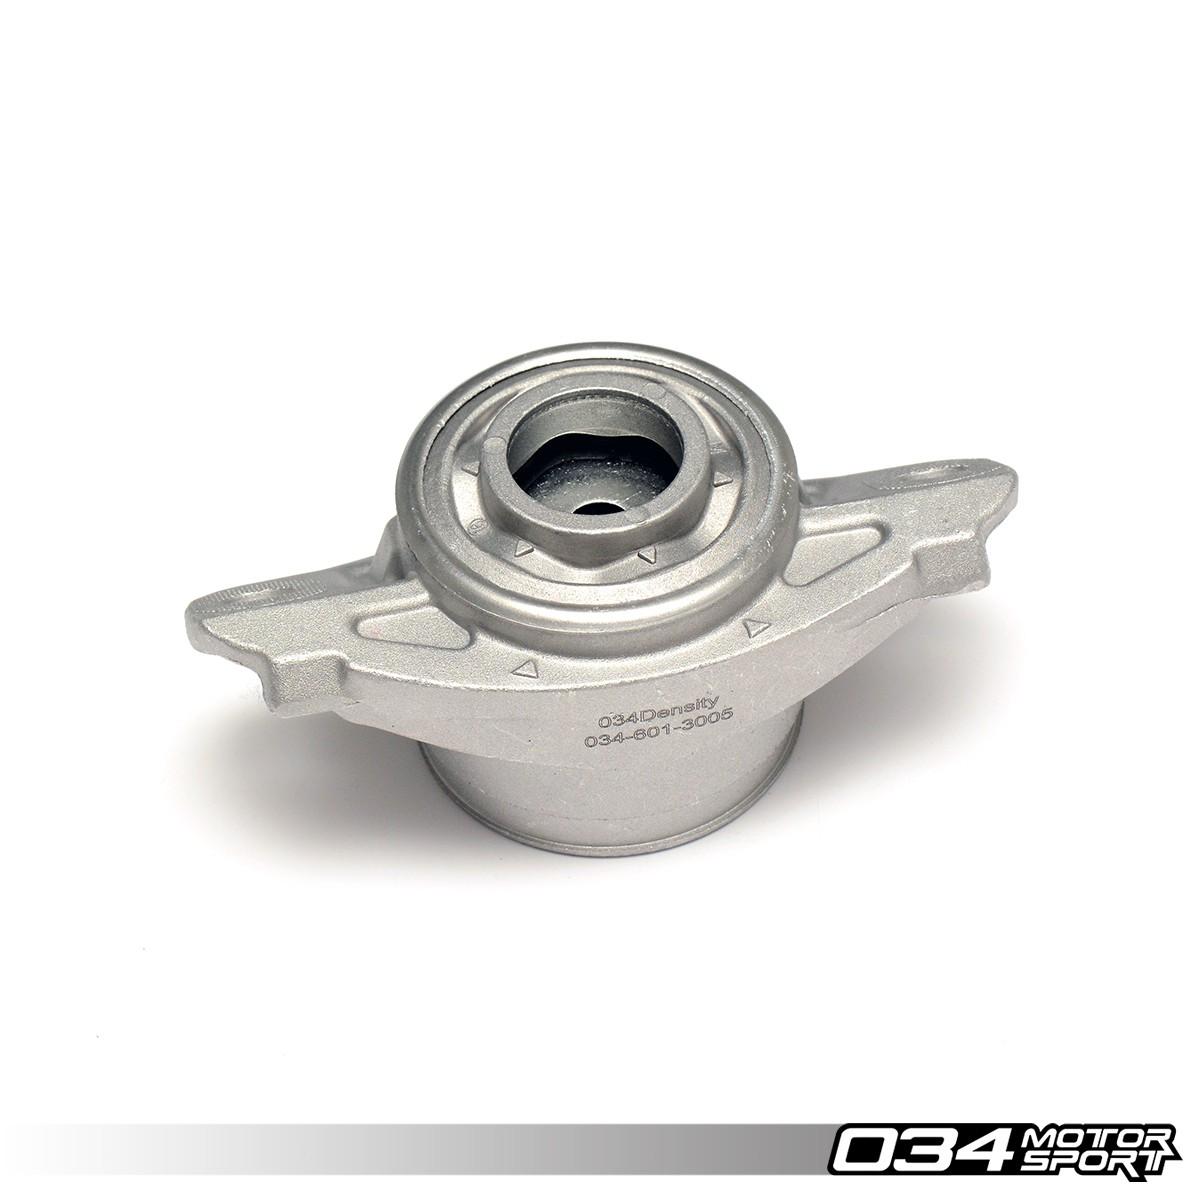 Shock Mount, Street Density, 8V Audi A3 FWD & MkVII Volkswagen Golf/GTI | 034-601-3005